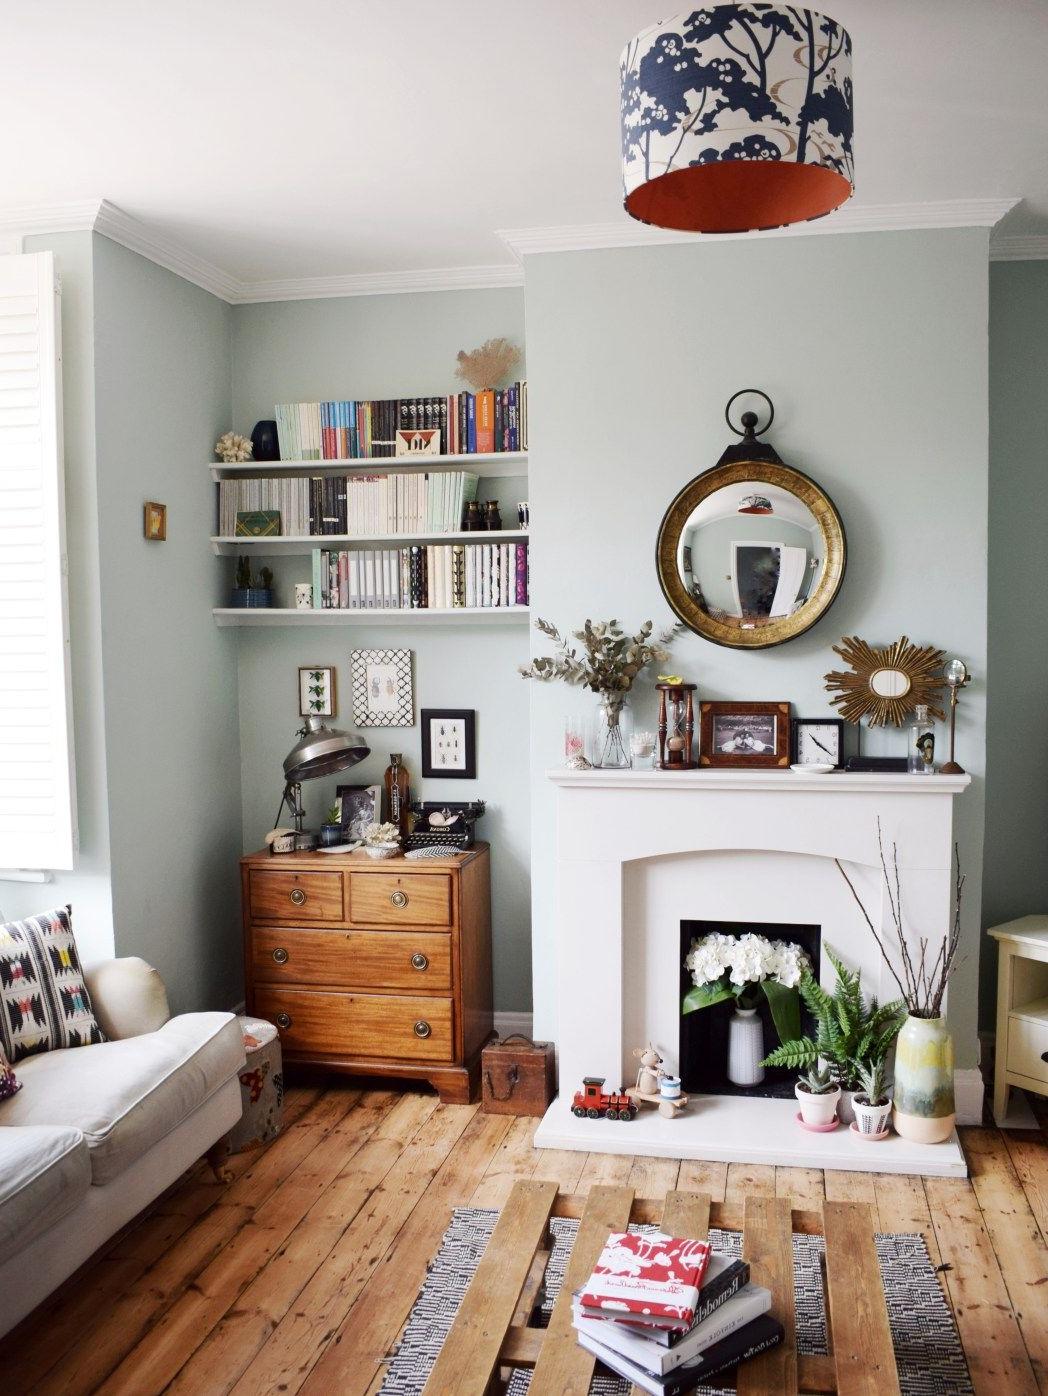 Eclectic Modern Bohemian Vintage Interior Decor Farrow